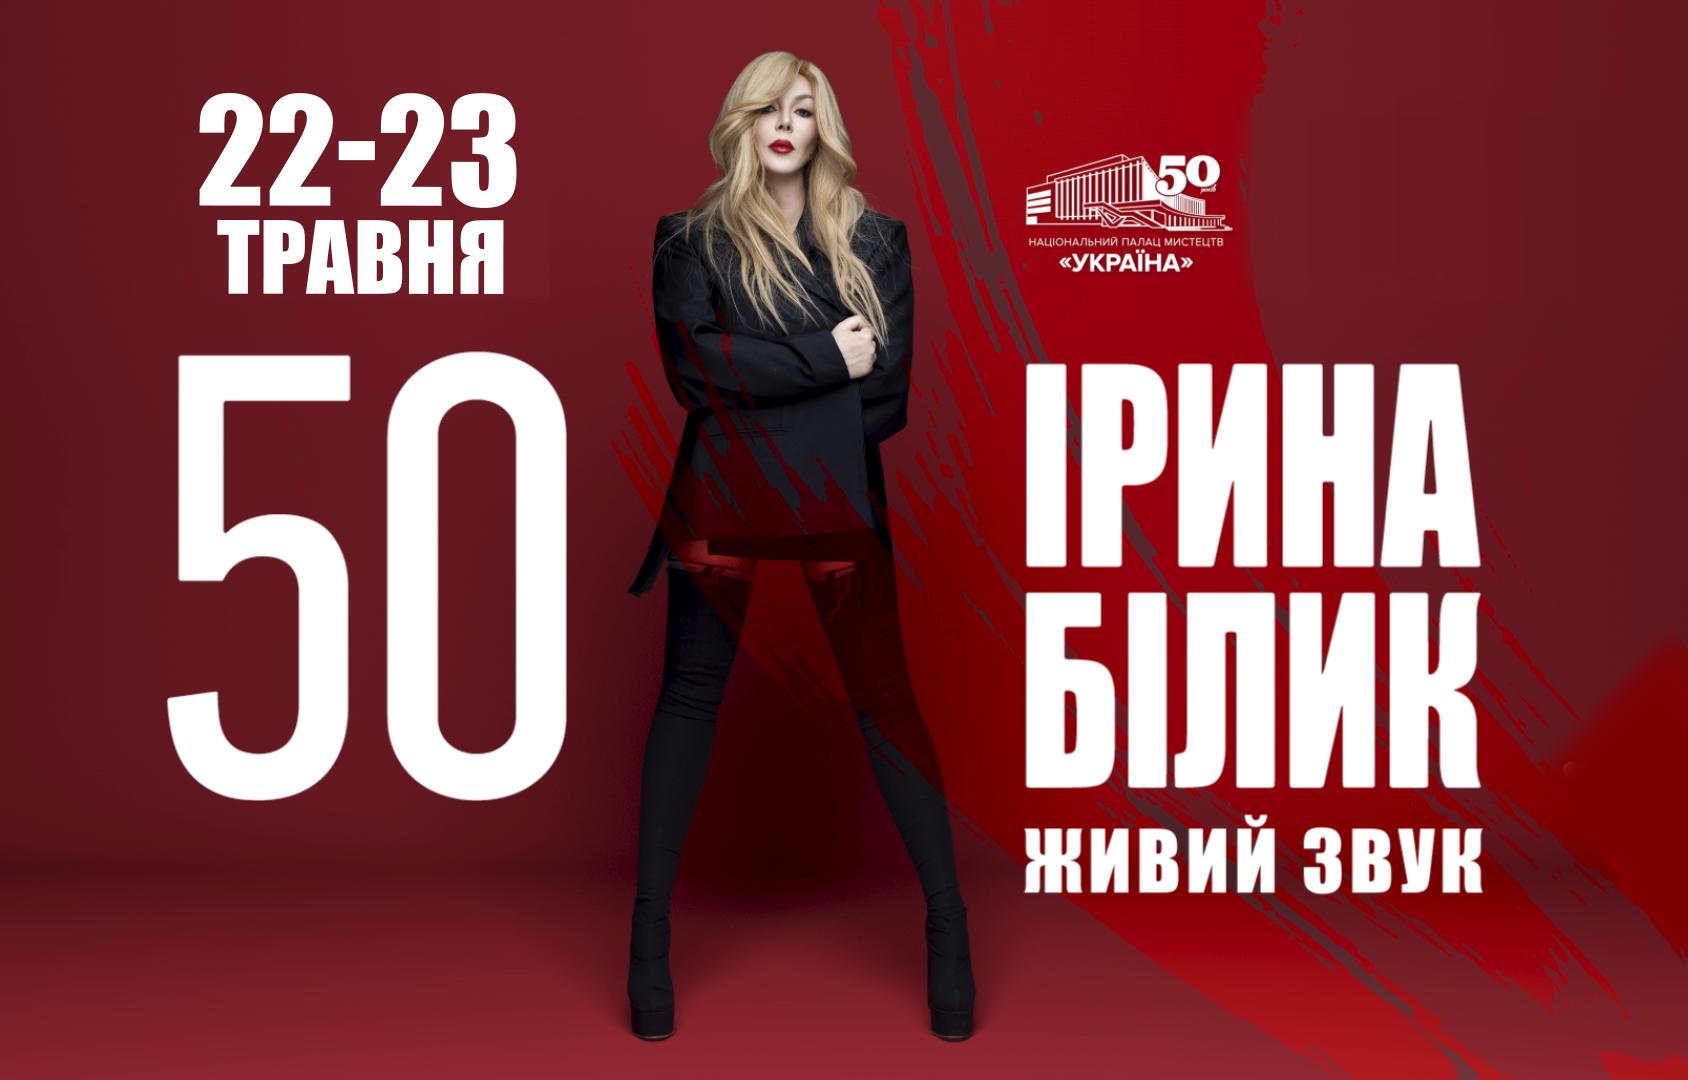 Куда пойти в Киеве 22-23 мая: юбилейный концерт Ирины Билык